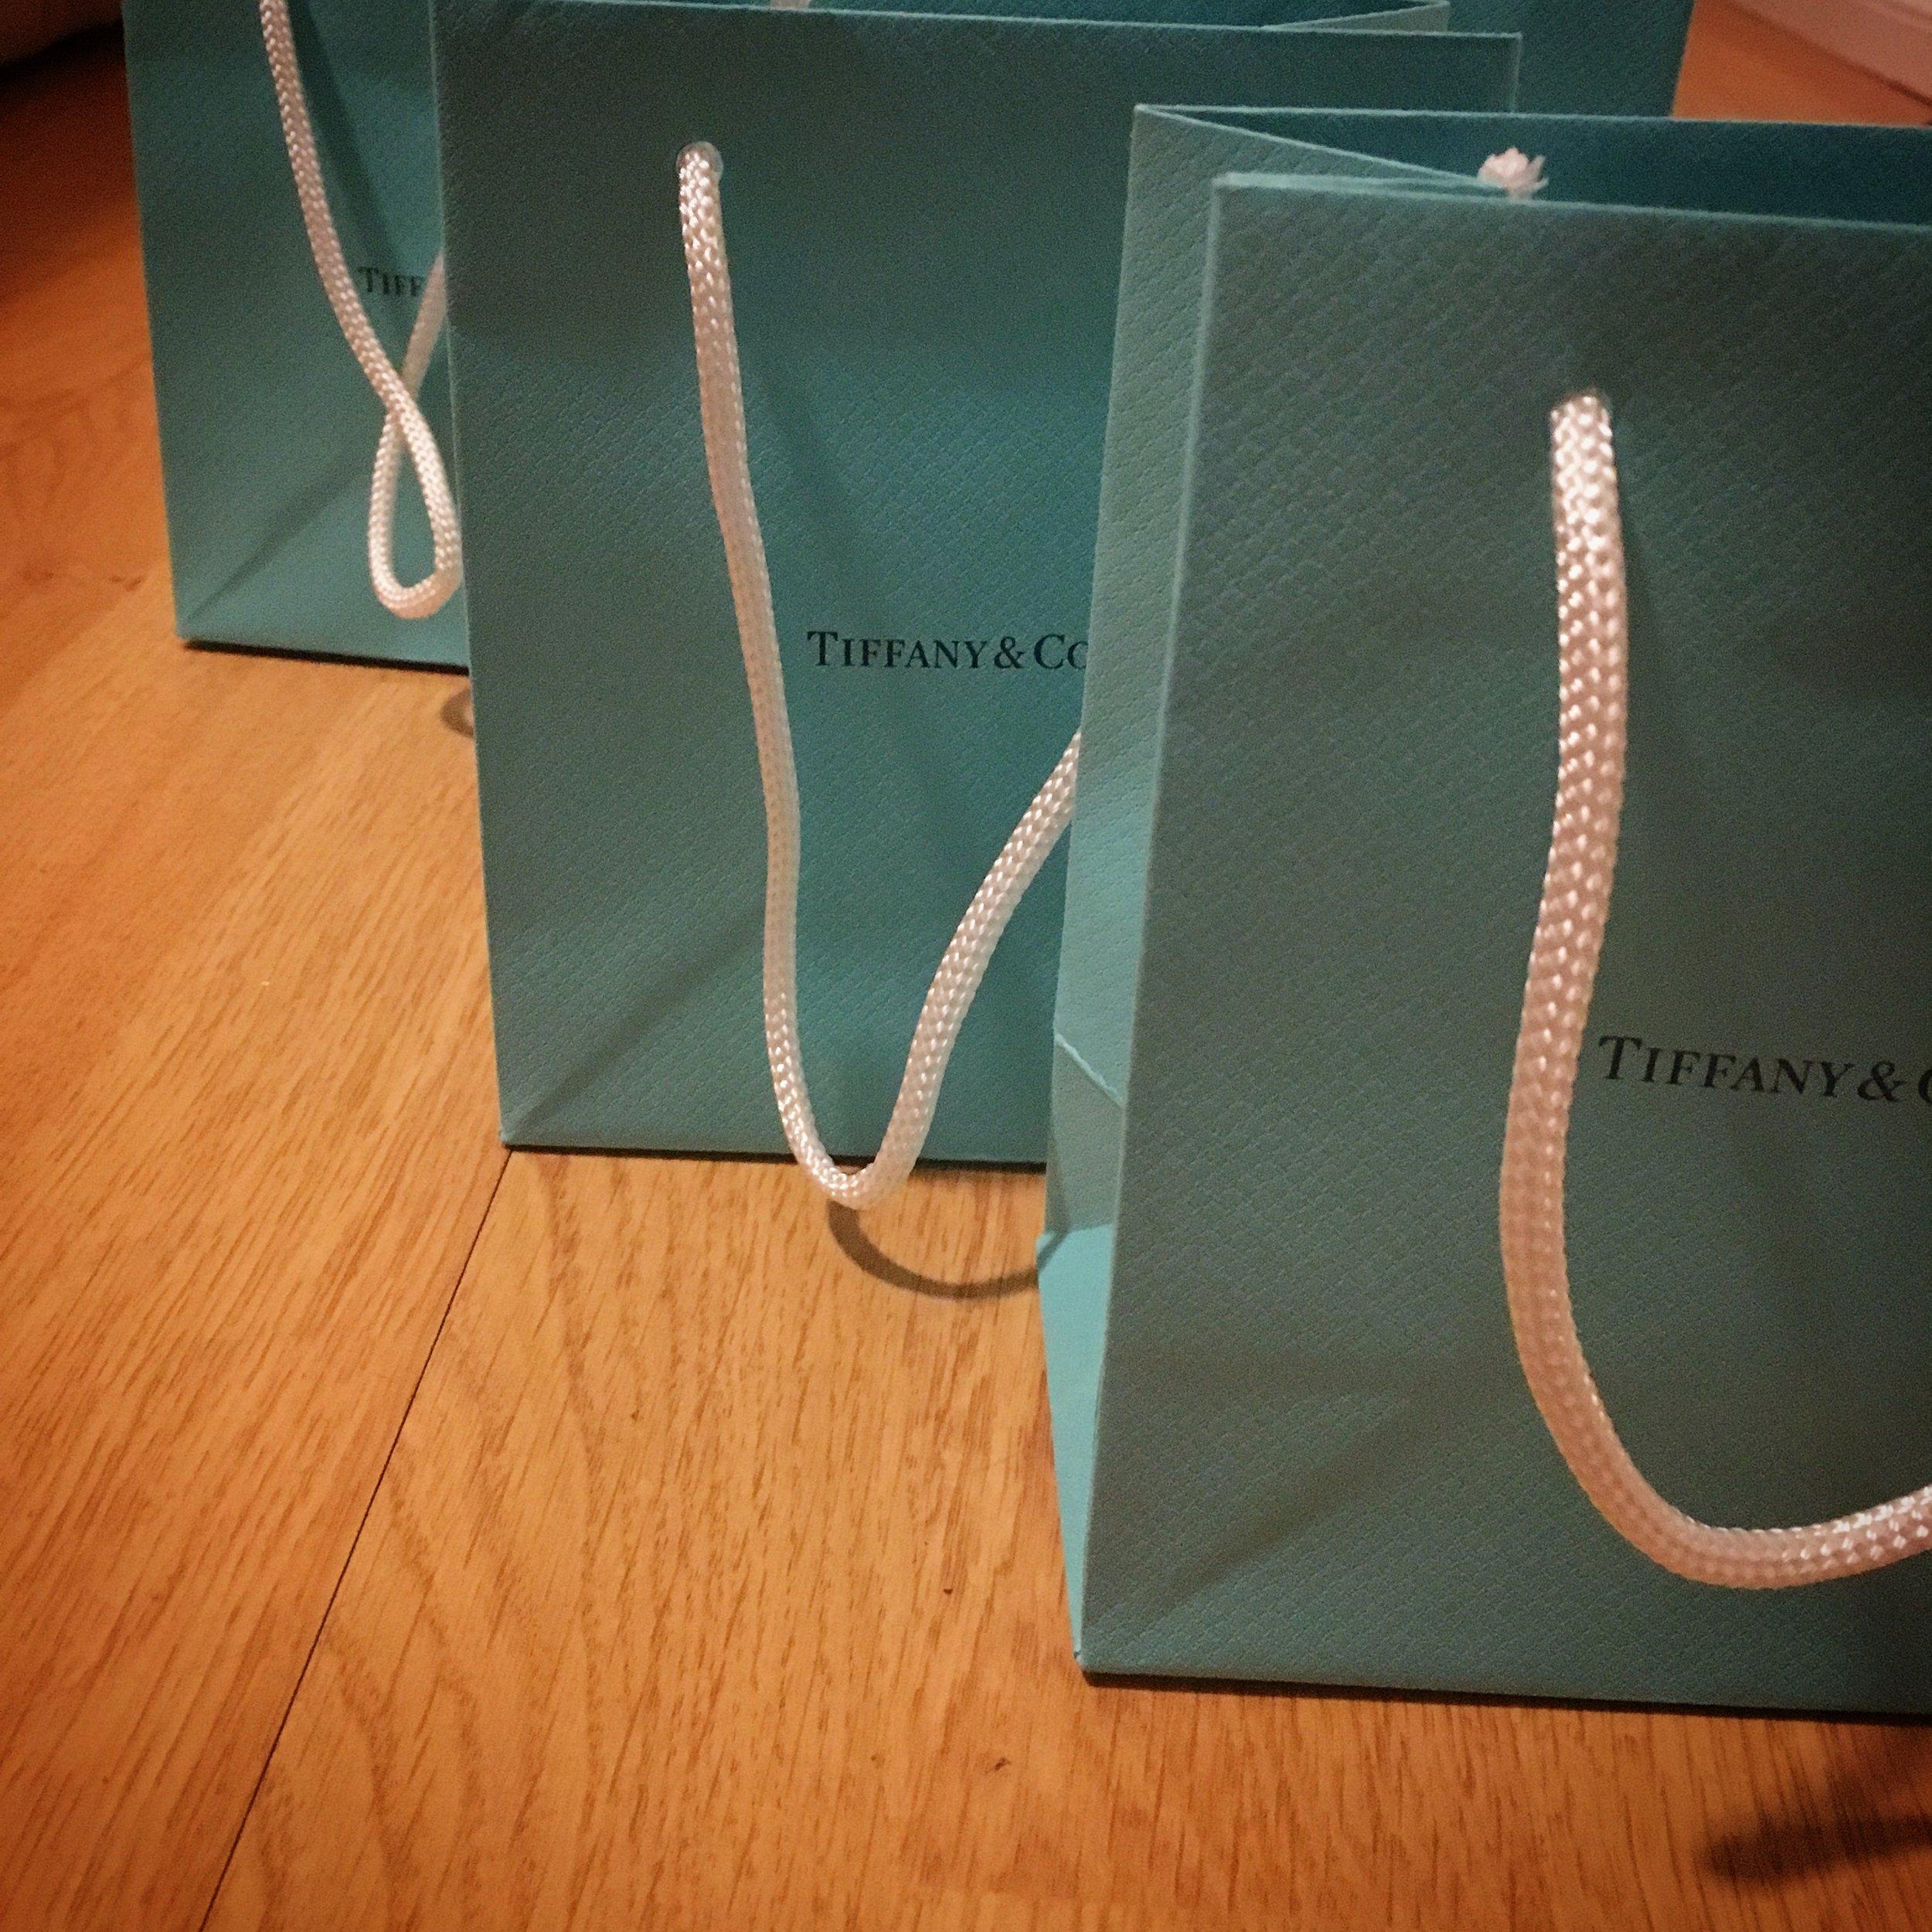 Tiny Tiffany bags